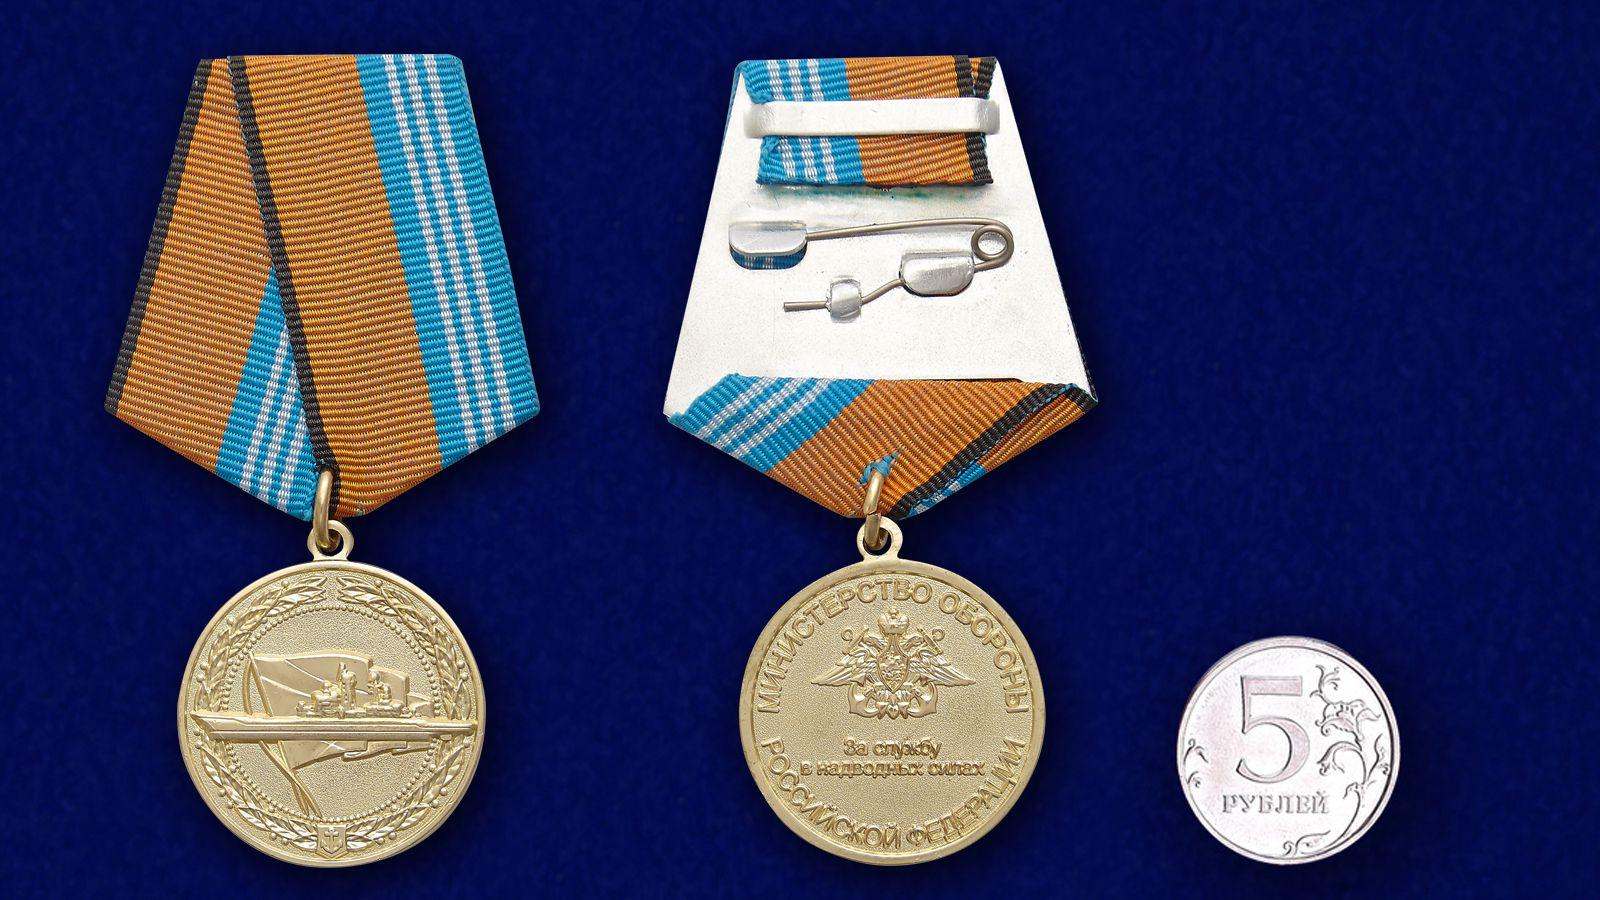 Медаль МО РФ За службу в надводных силах ВМФ - сравнительный вид